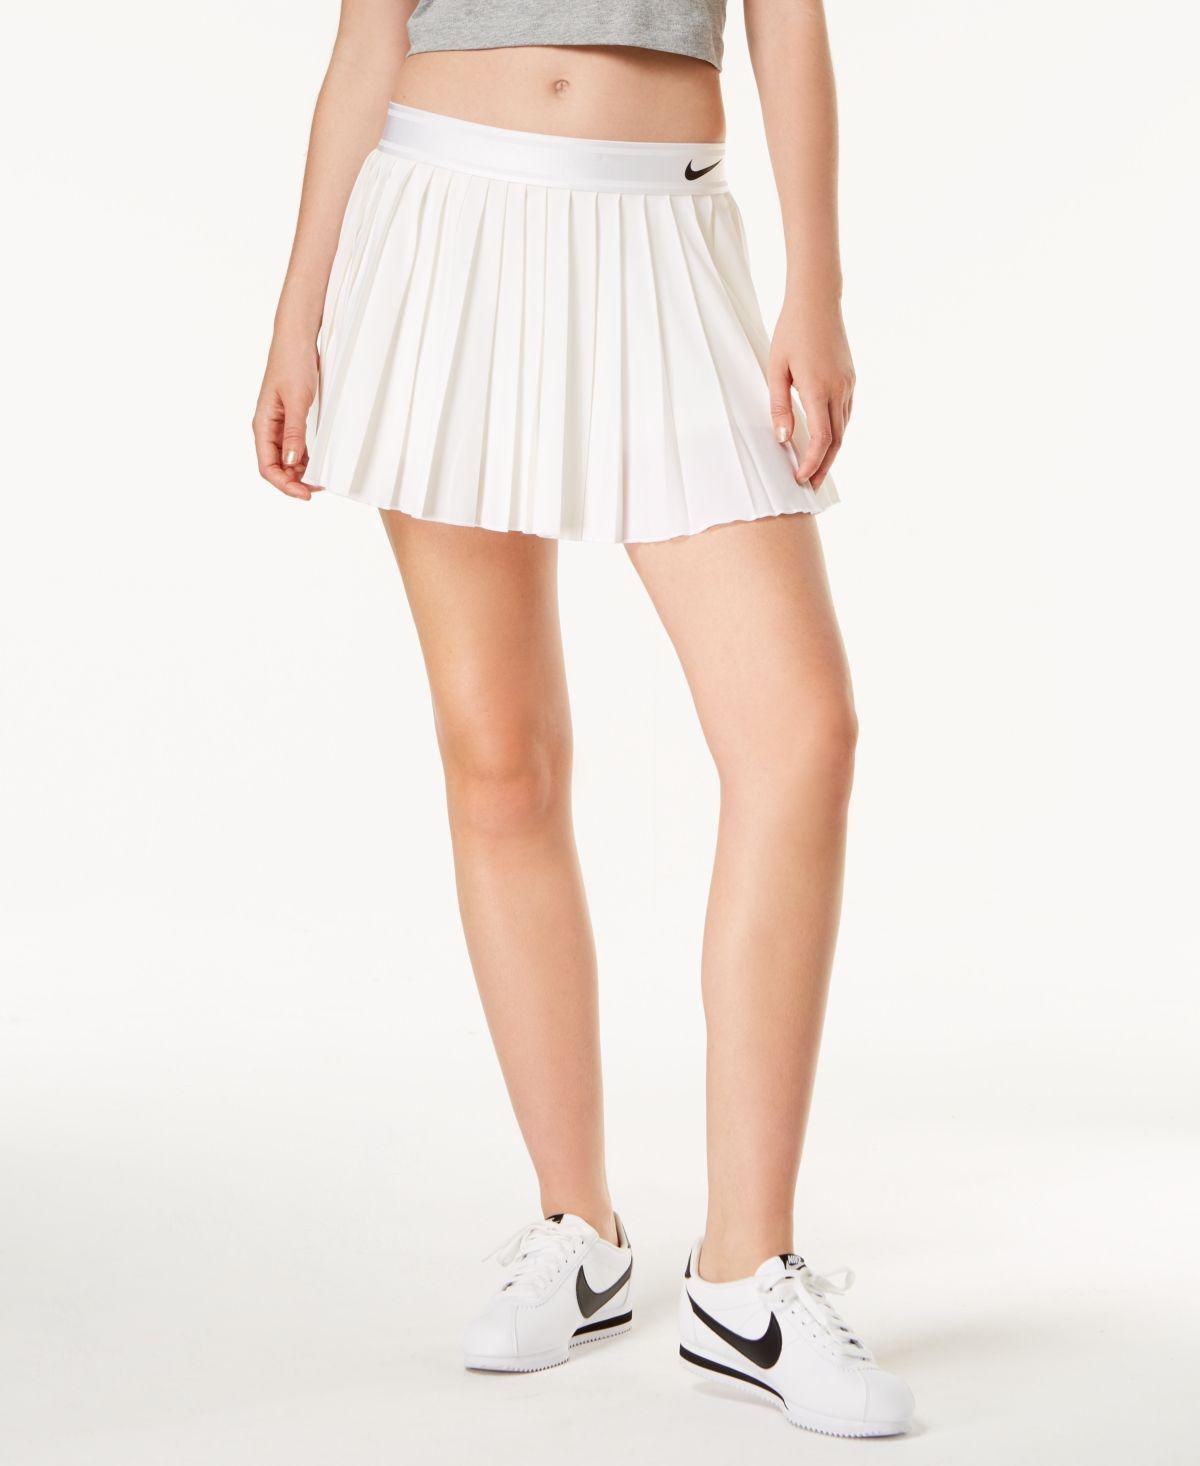 Nike Women S Court Dri Fit Pleated Tennis Skort White Tennis Skirt Outfit Pleated Tennis Skirt Tennis Skort